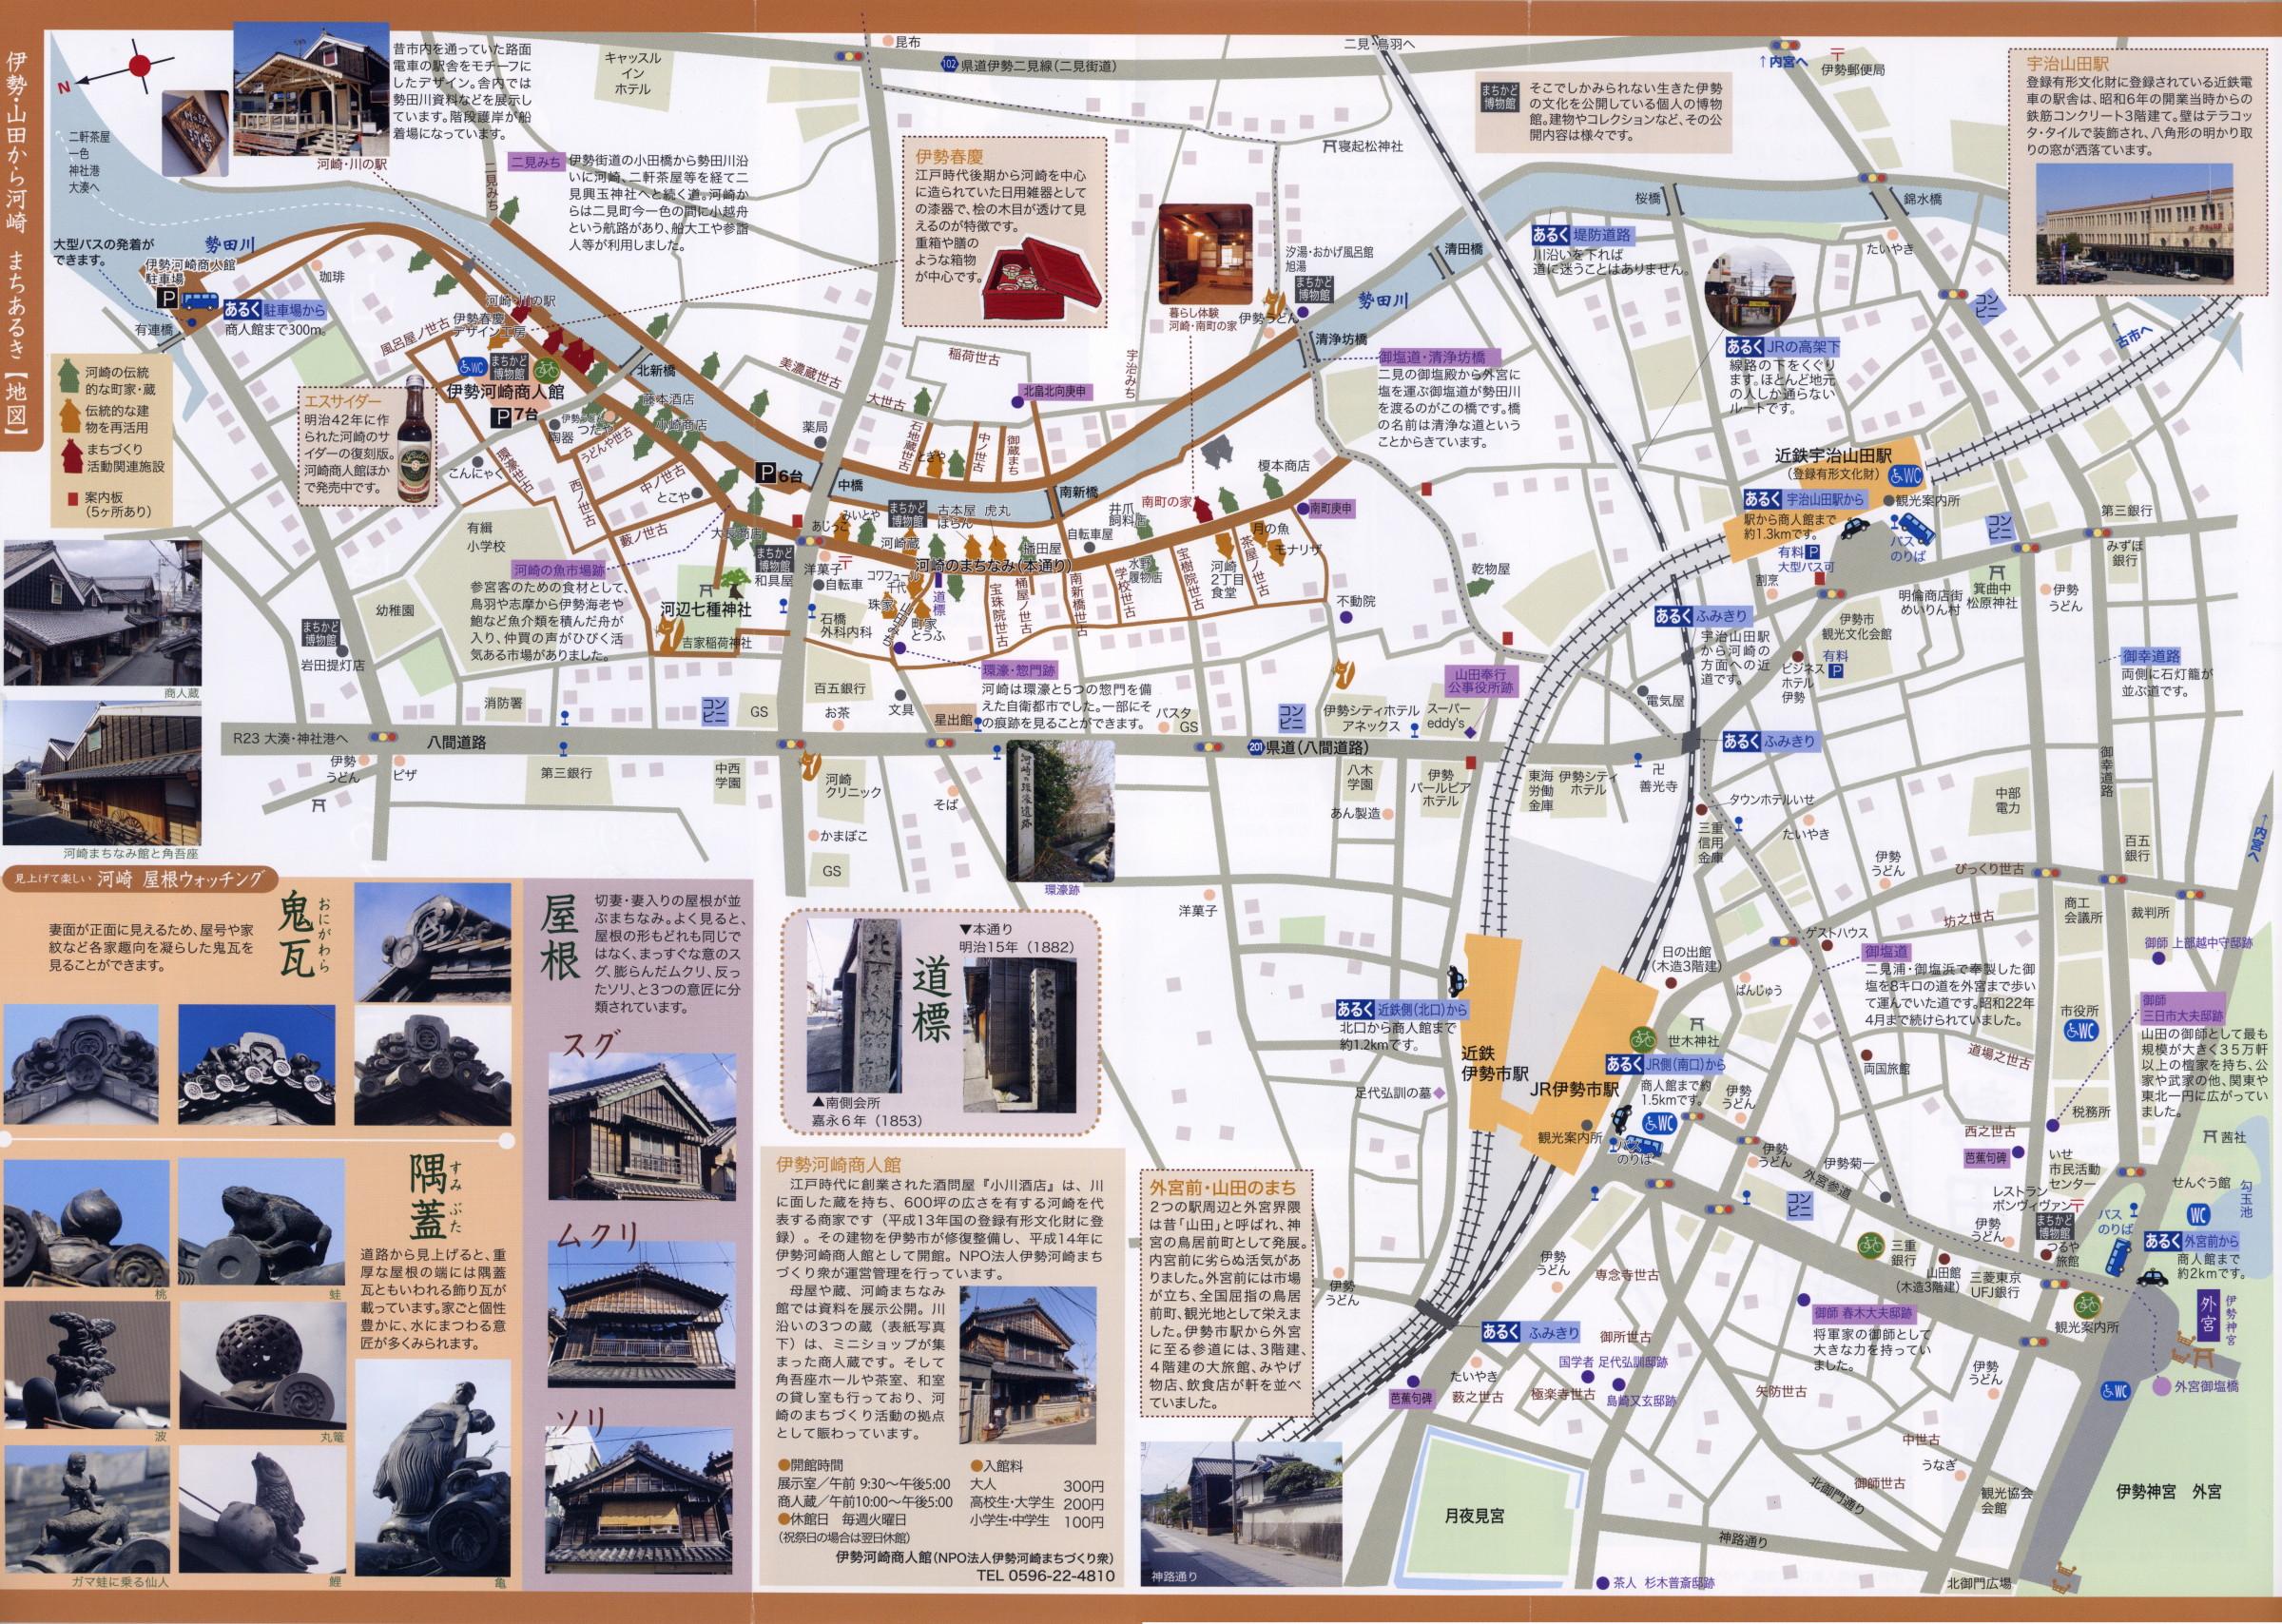 伊勢・山田から河崎 まちあるき【地図】2of2